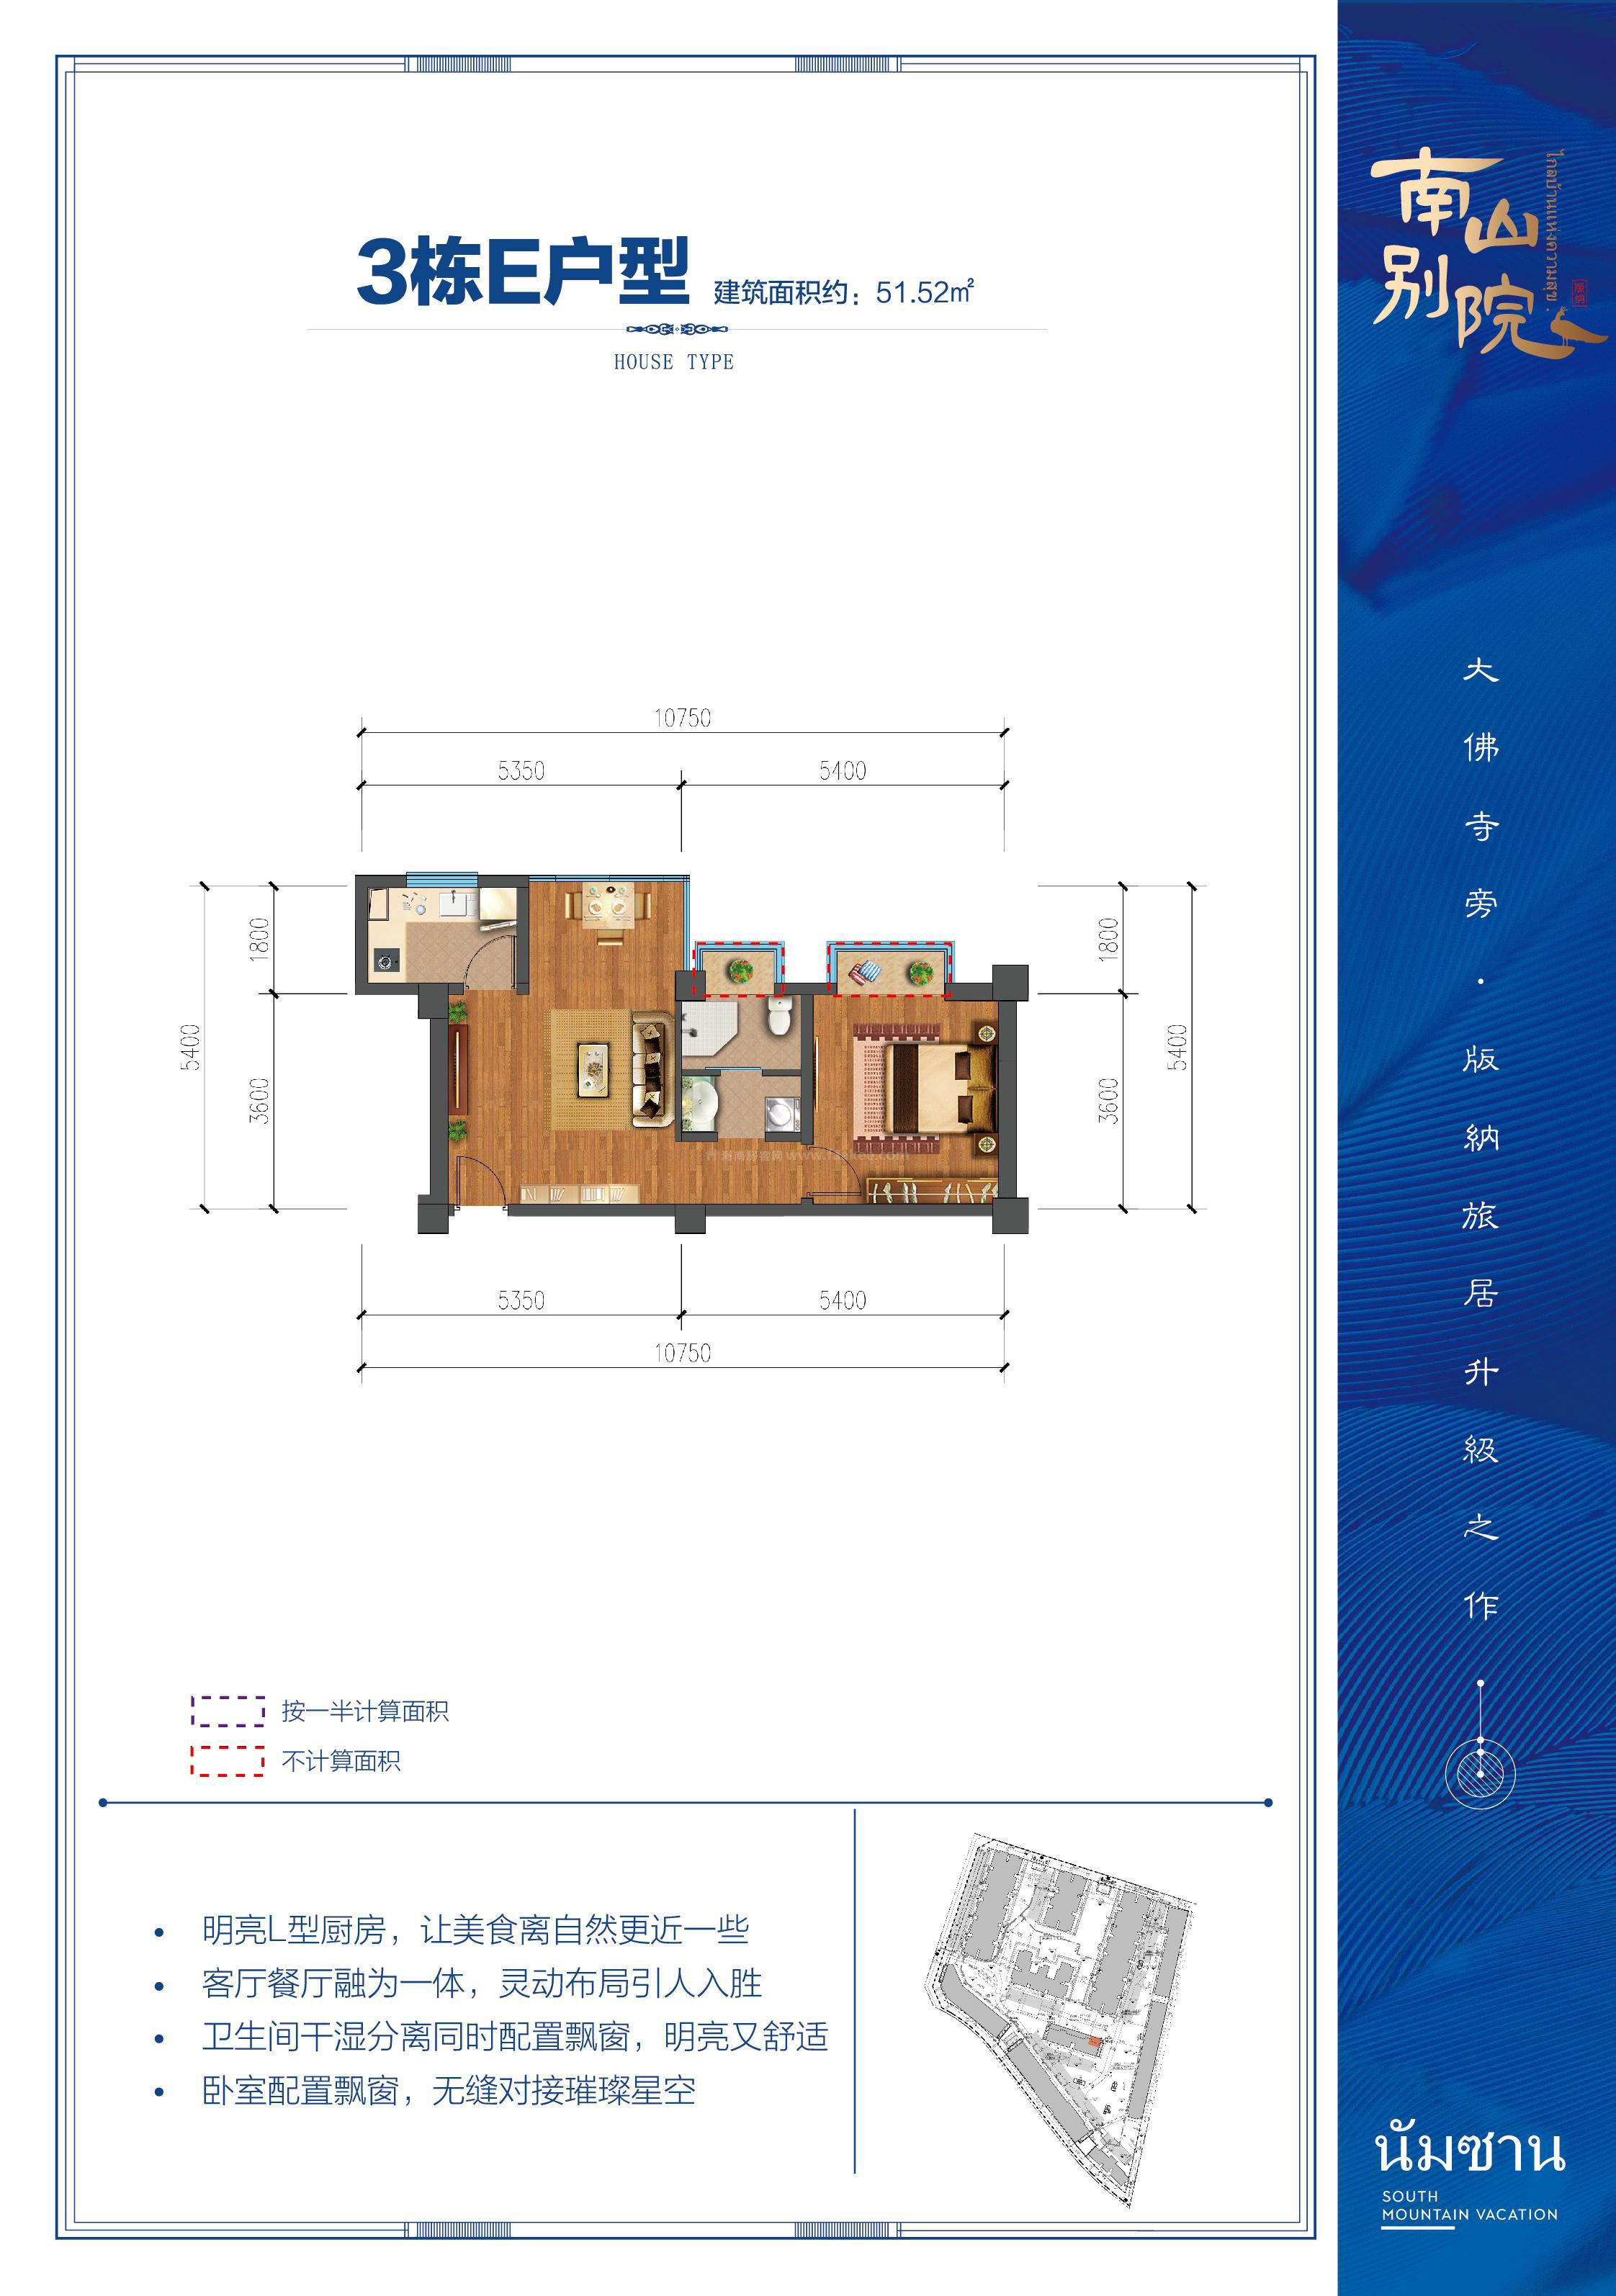 3栋E户型 1室1厅1卫1厨 建筑面积:51.52㎡